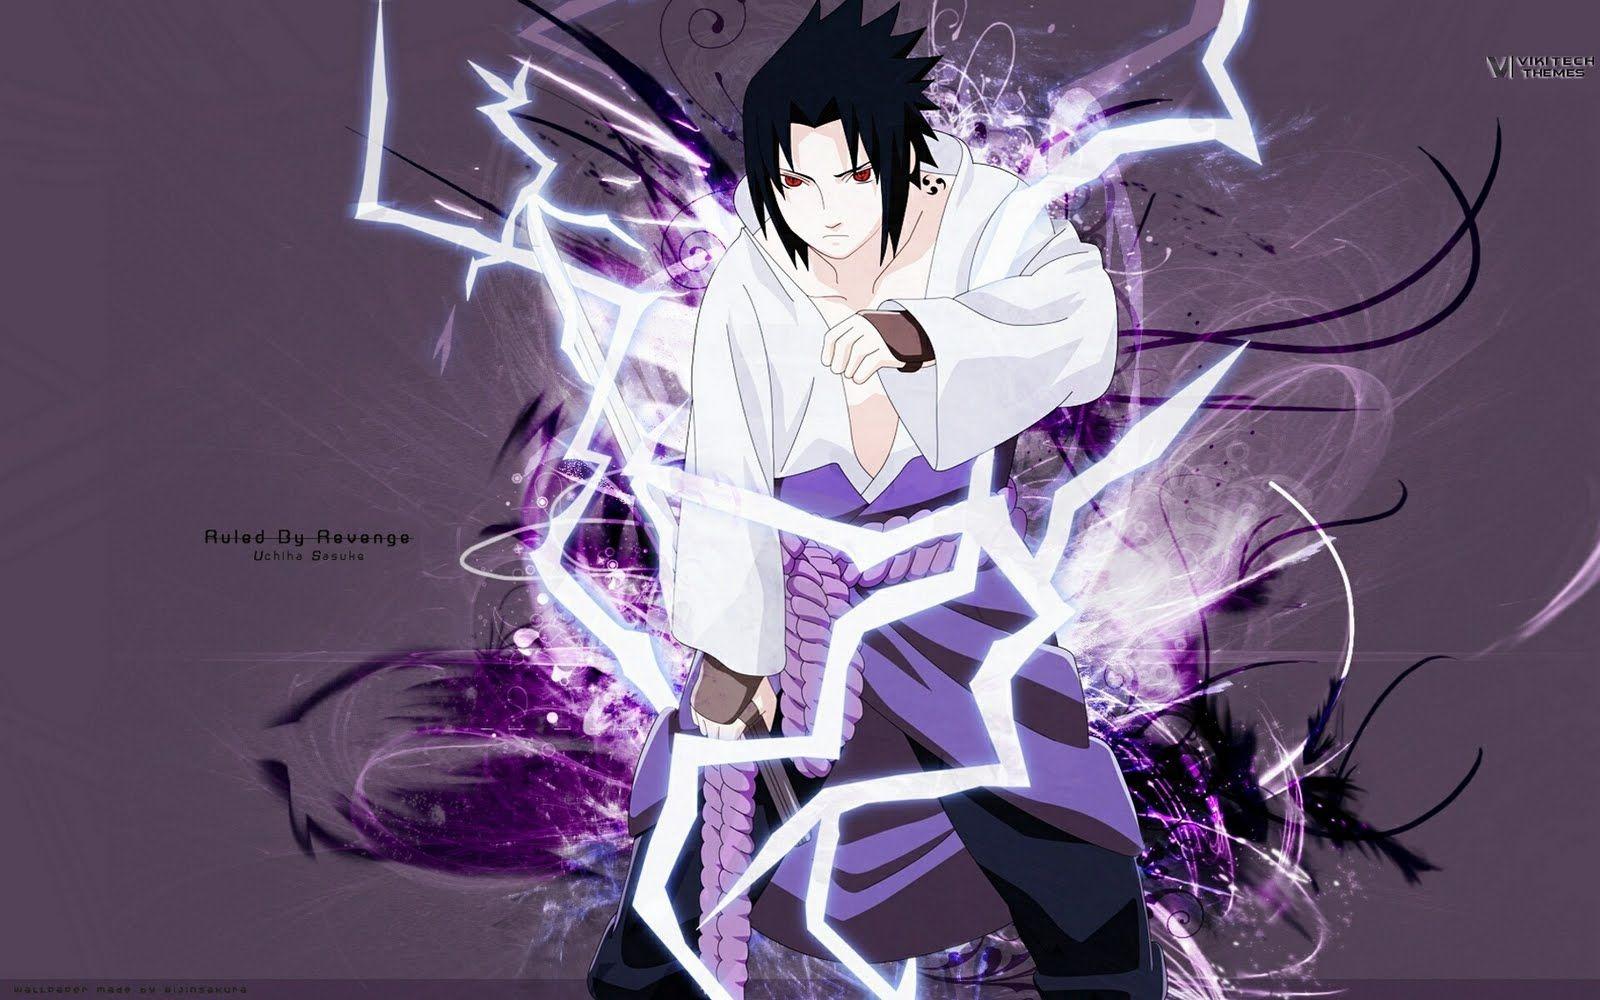 sasuke with his chidori   anime   naruto, naruto shippuden, sasuke